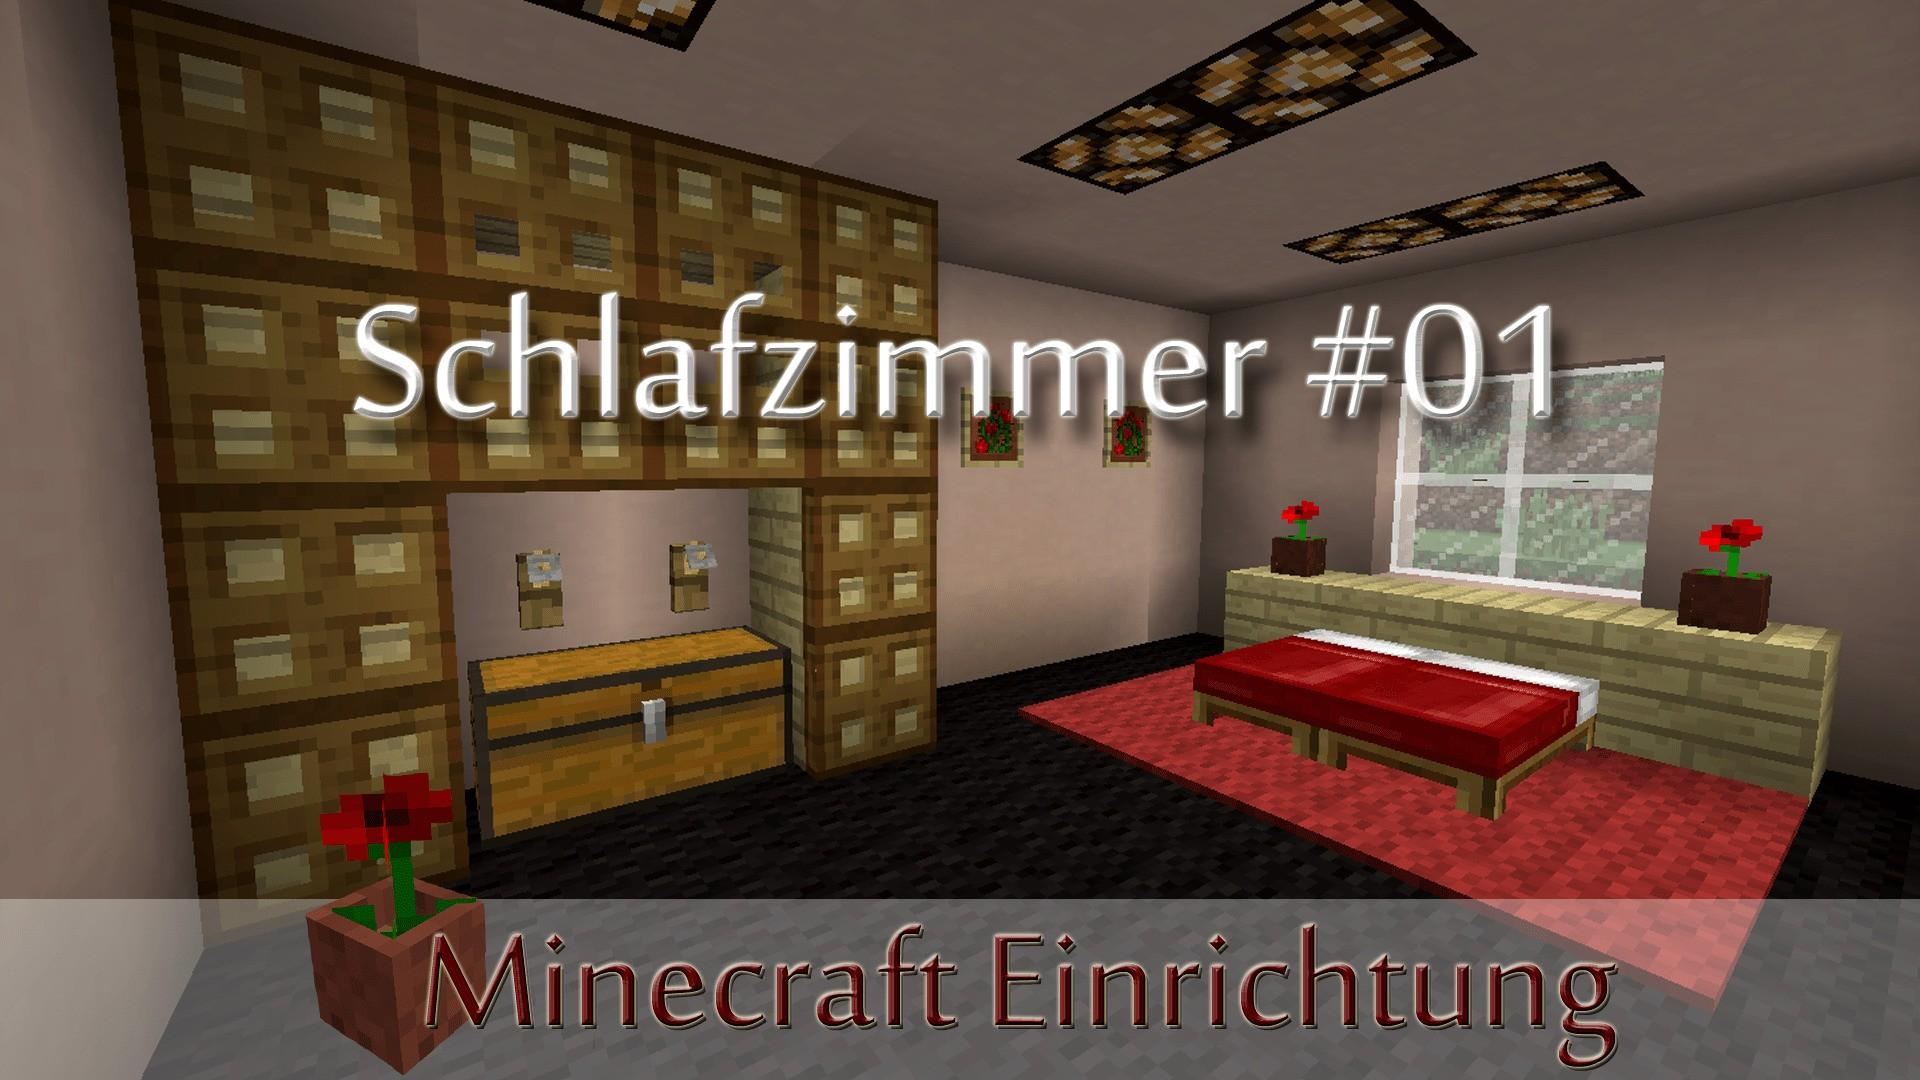 Full Size of Minecraft Küche Deko Ideen Wanddeko Einbauküche L Form Ikea Kosten Hängeschränke Schnittschutzhandschuhe Einhebelmischer Müllschrank Unterschrank Wohnzimmer Minecraft Küche